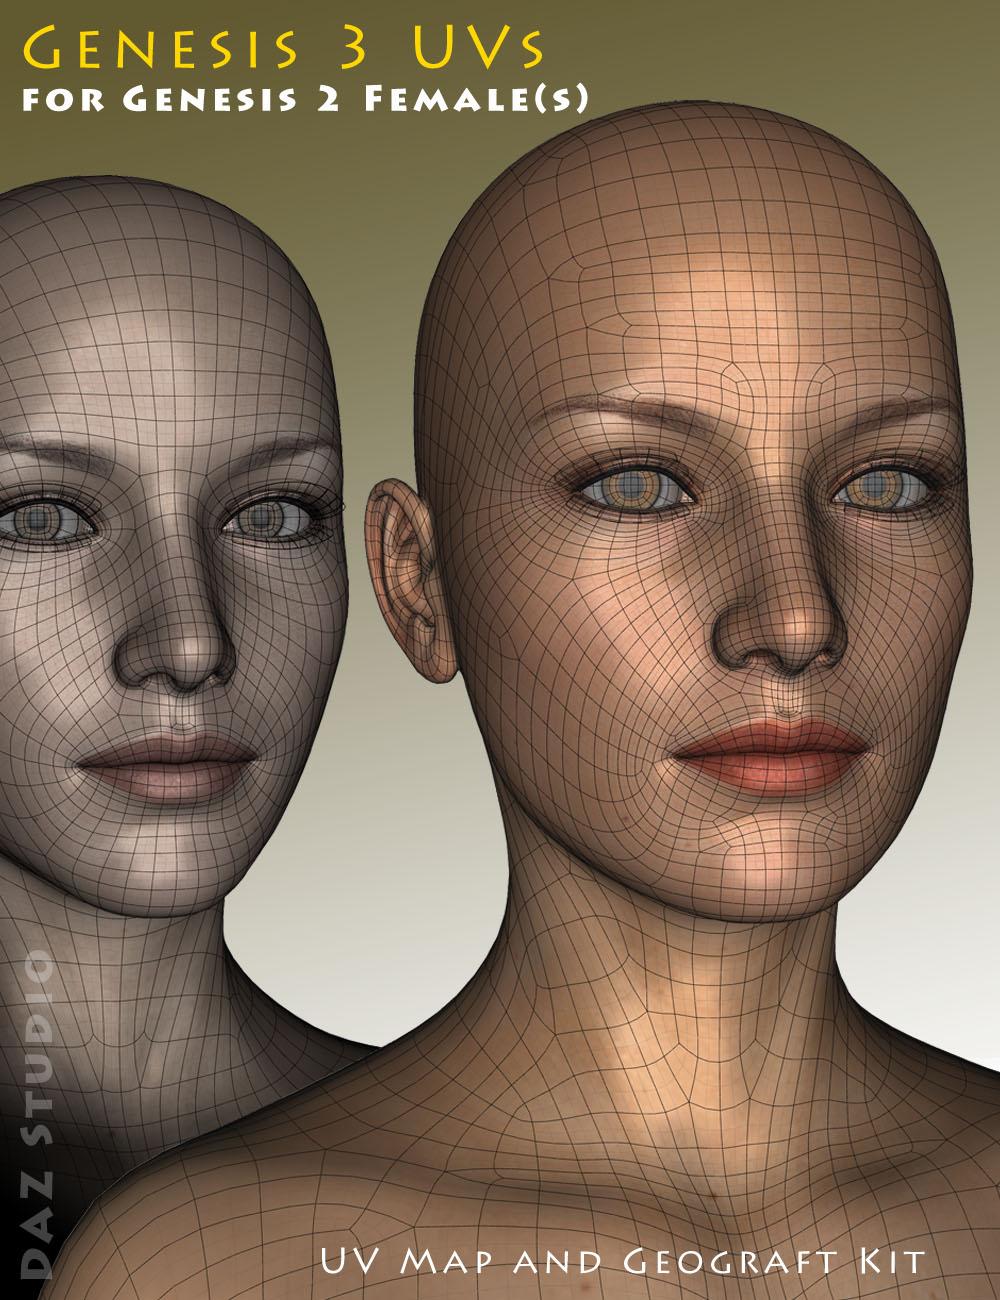 Genesis 3 UVs for Genesis 2 Female(s) by: Cayman Studios, 3D Models by Daz 3D